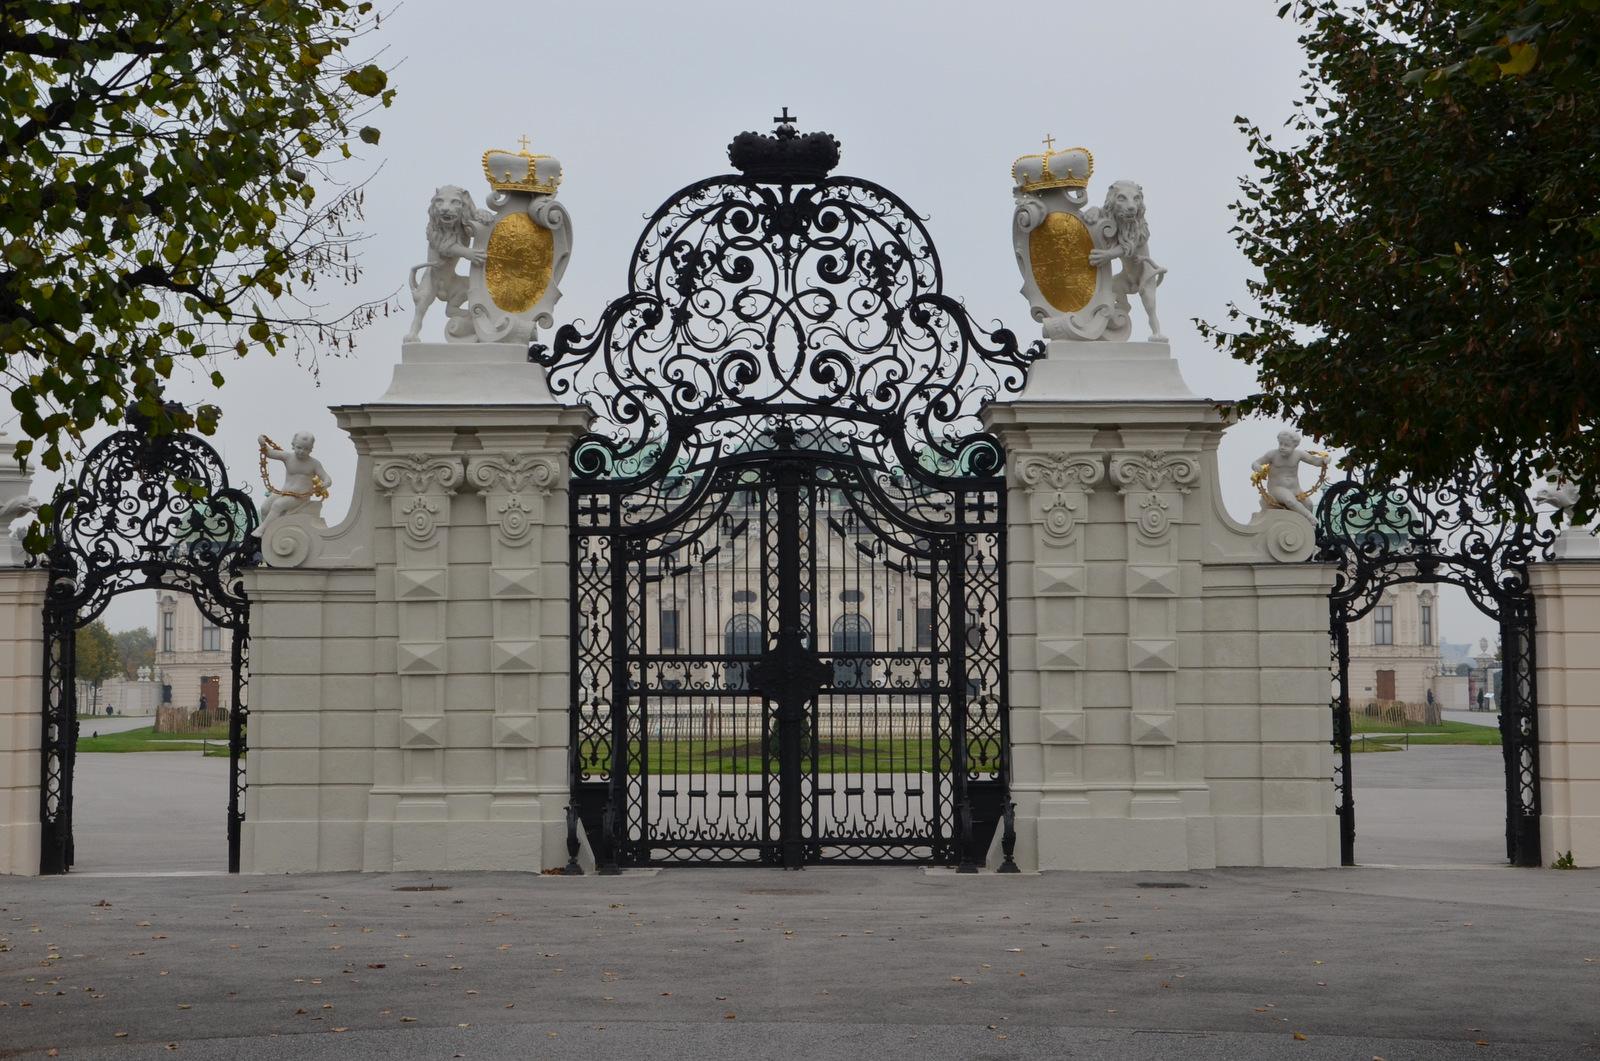 Dunaj je mesto cesarjev